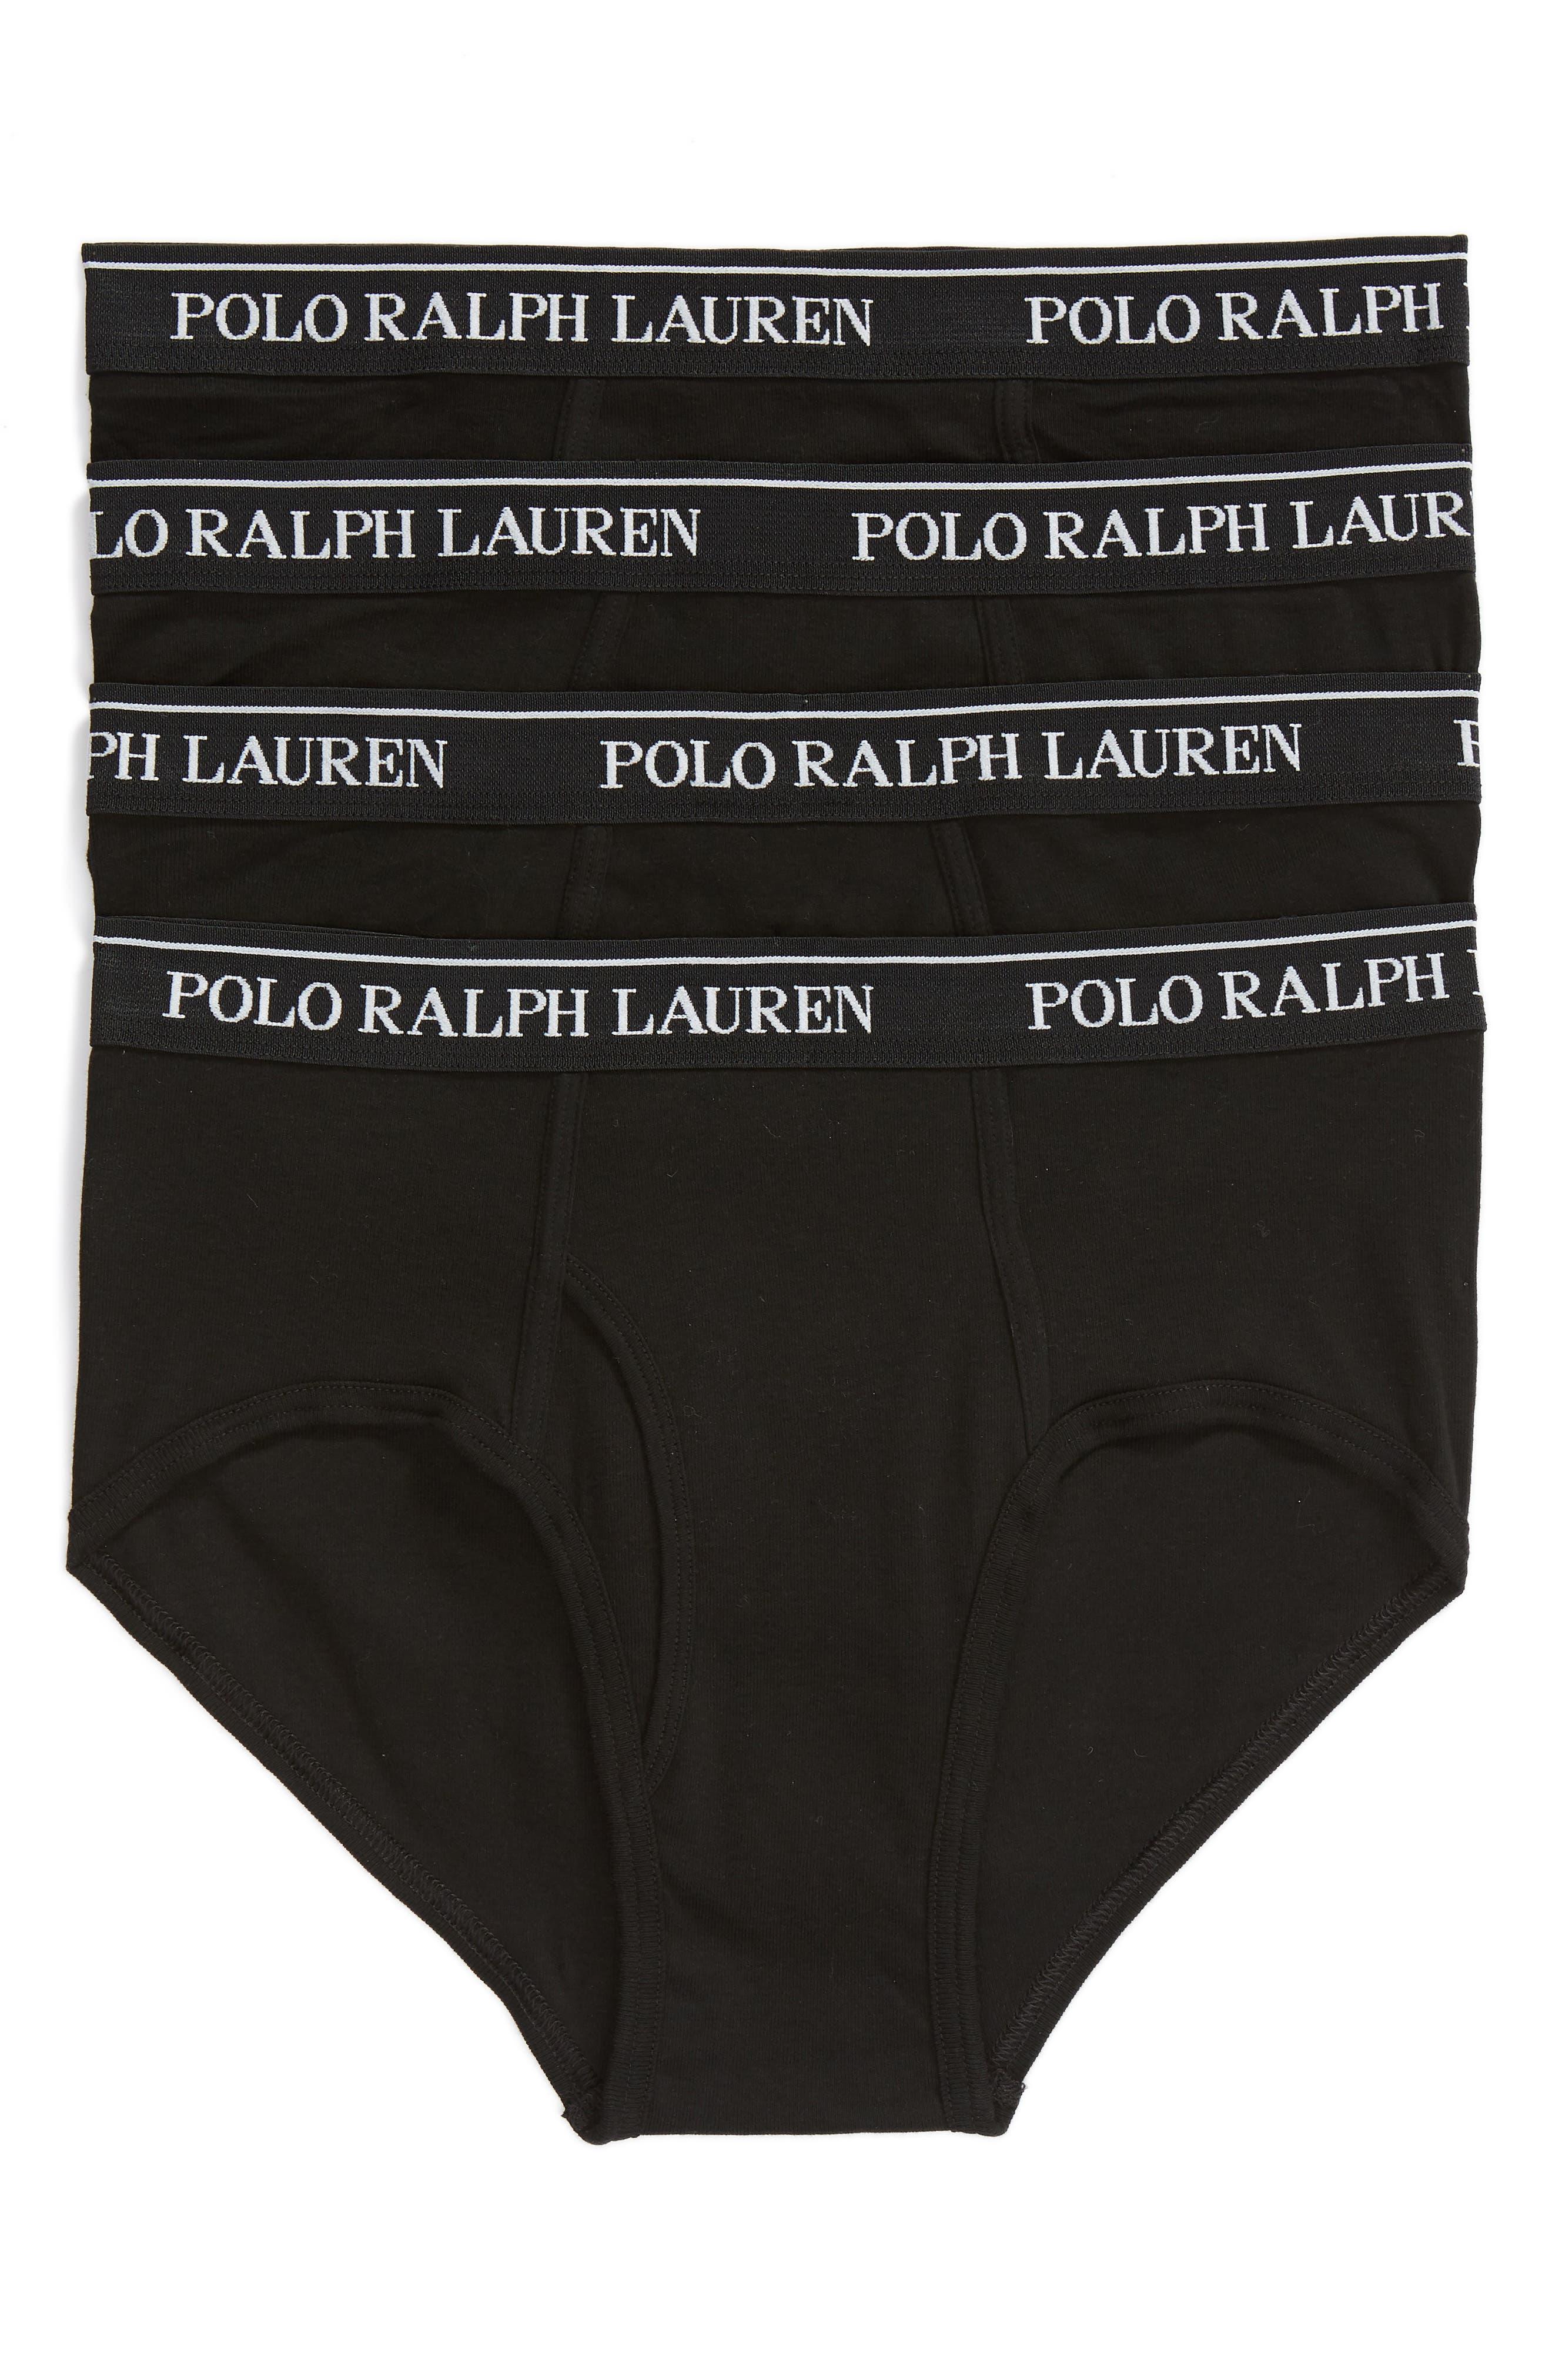 Polo Ralph Lauren 4-Pack Low Rise Cotton Briefs,                         Main,                         color, POLO BLACK